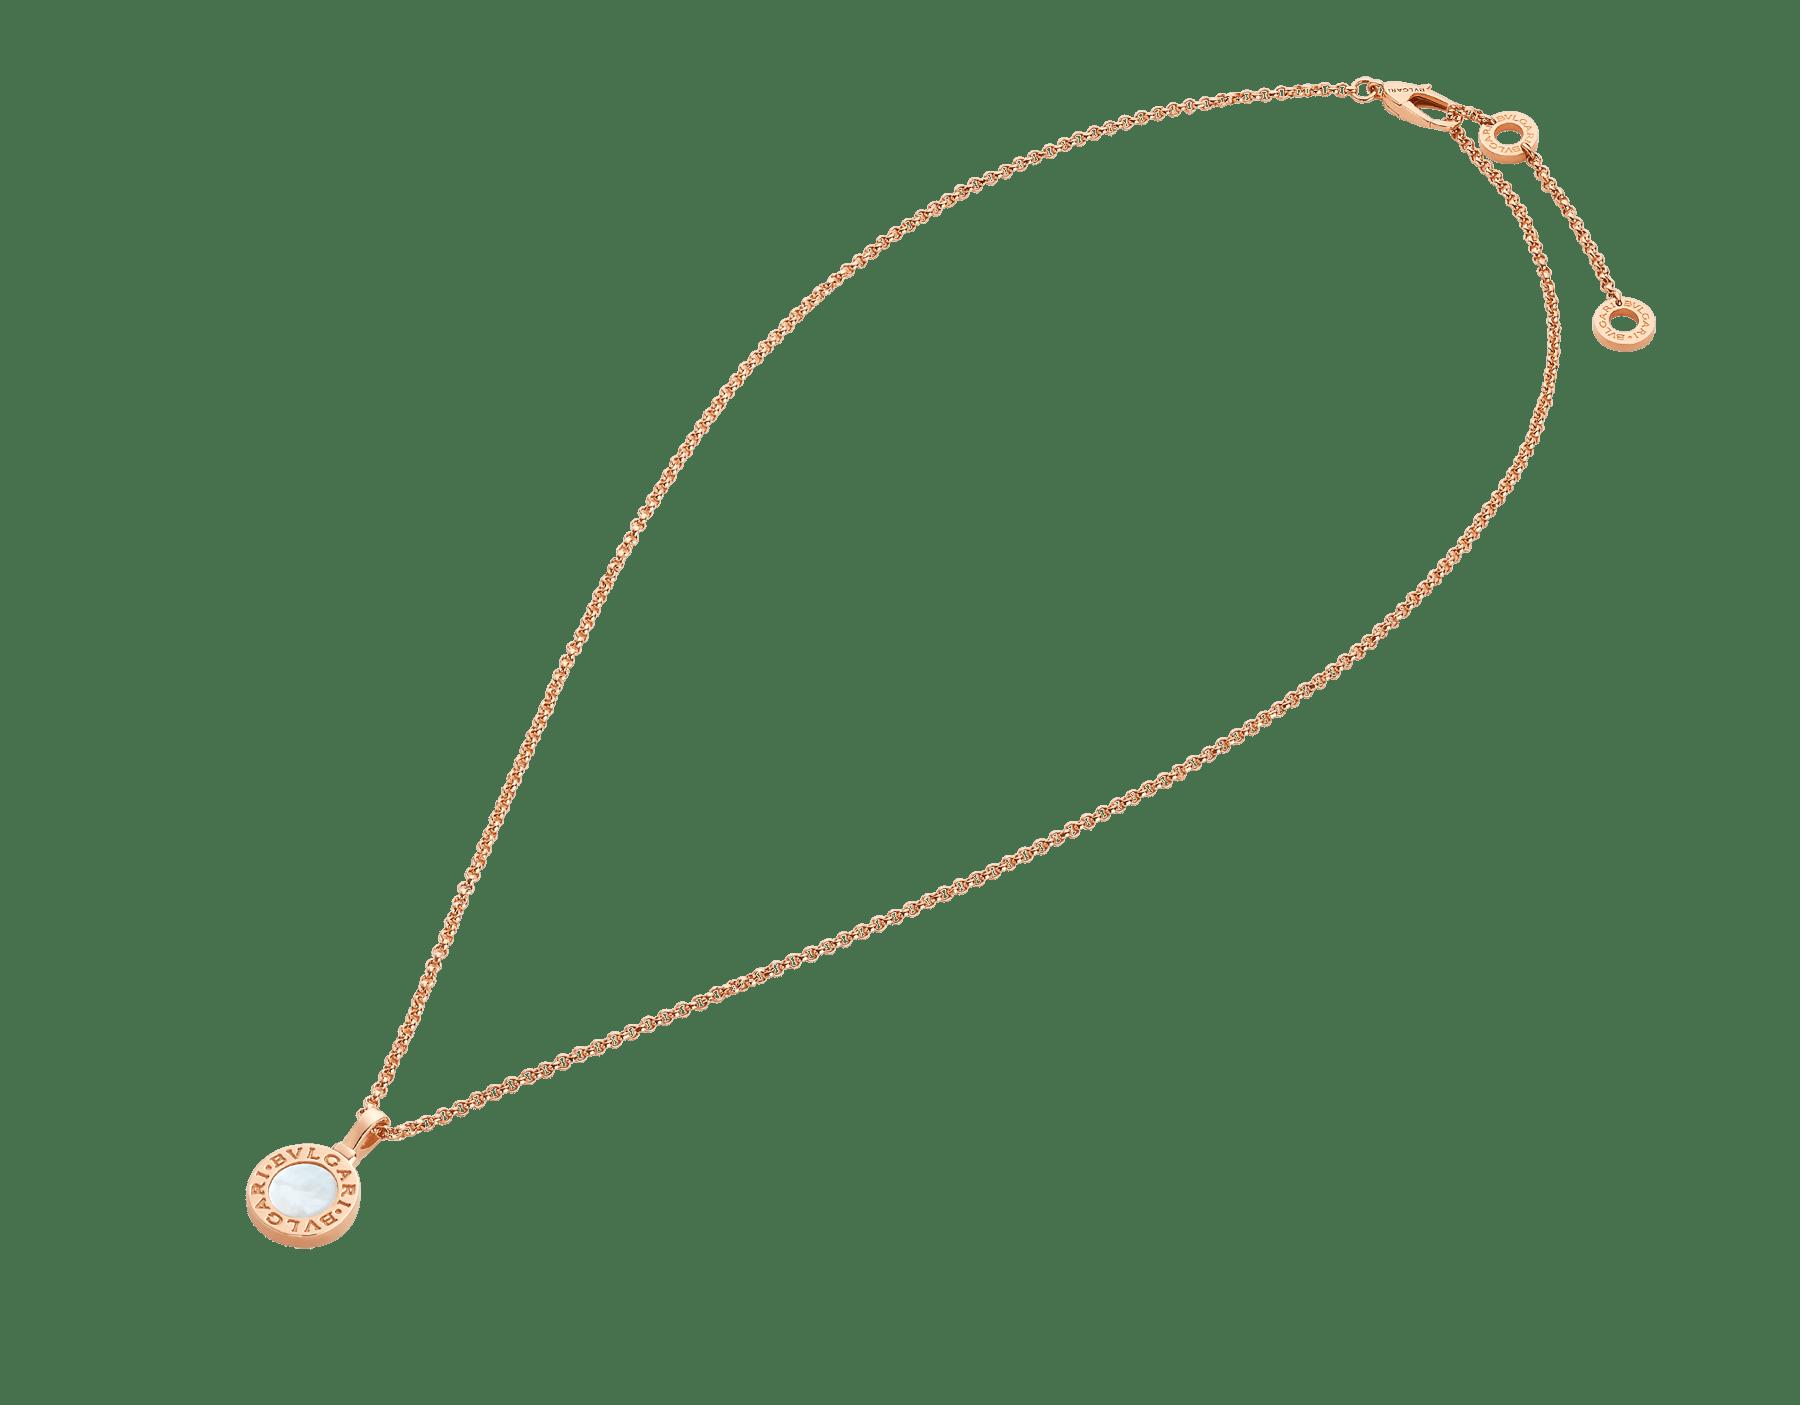 Pendentif BVLGARIBVLGARI en or rose 18K serti d'éléments en nacre, pouvant être personnalisé avec une gravure au dos. 358376 image 5